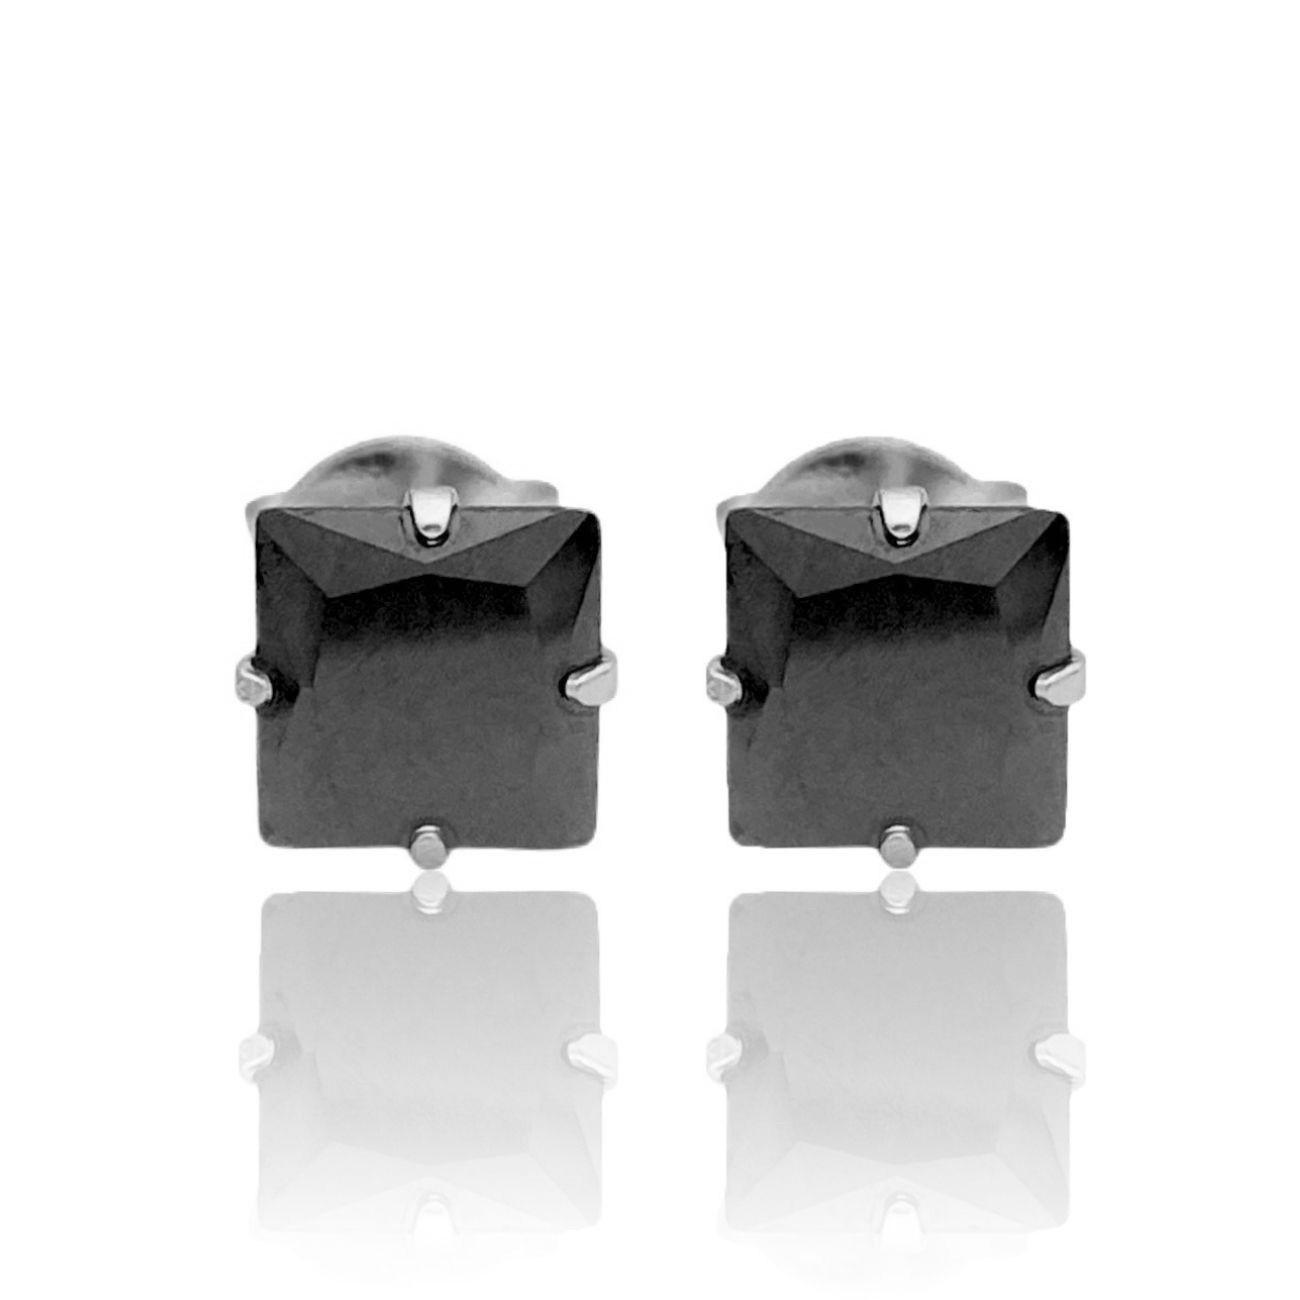 Brinco Pedra Preta de Zircônia Quadrada 6mm X 6mm (Banho Prata 925)